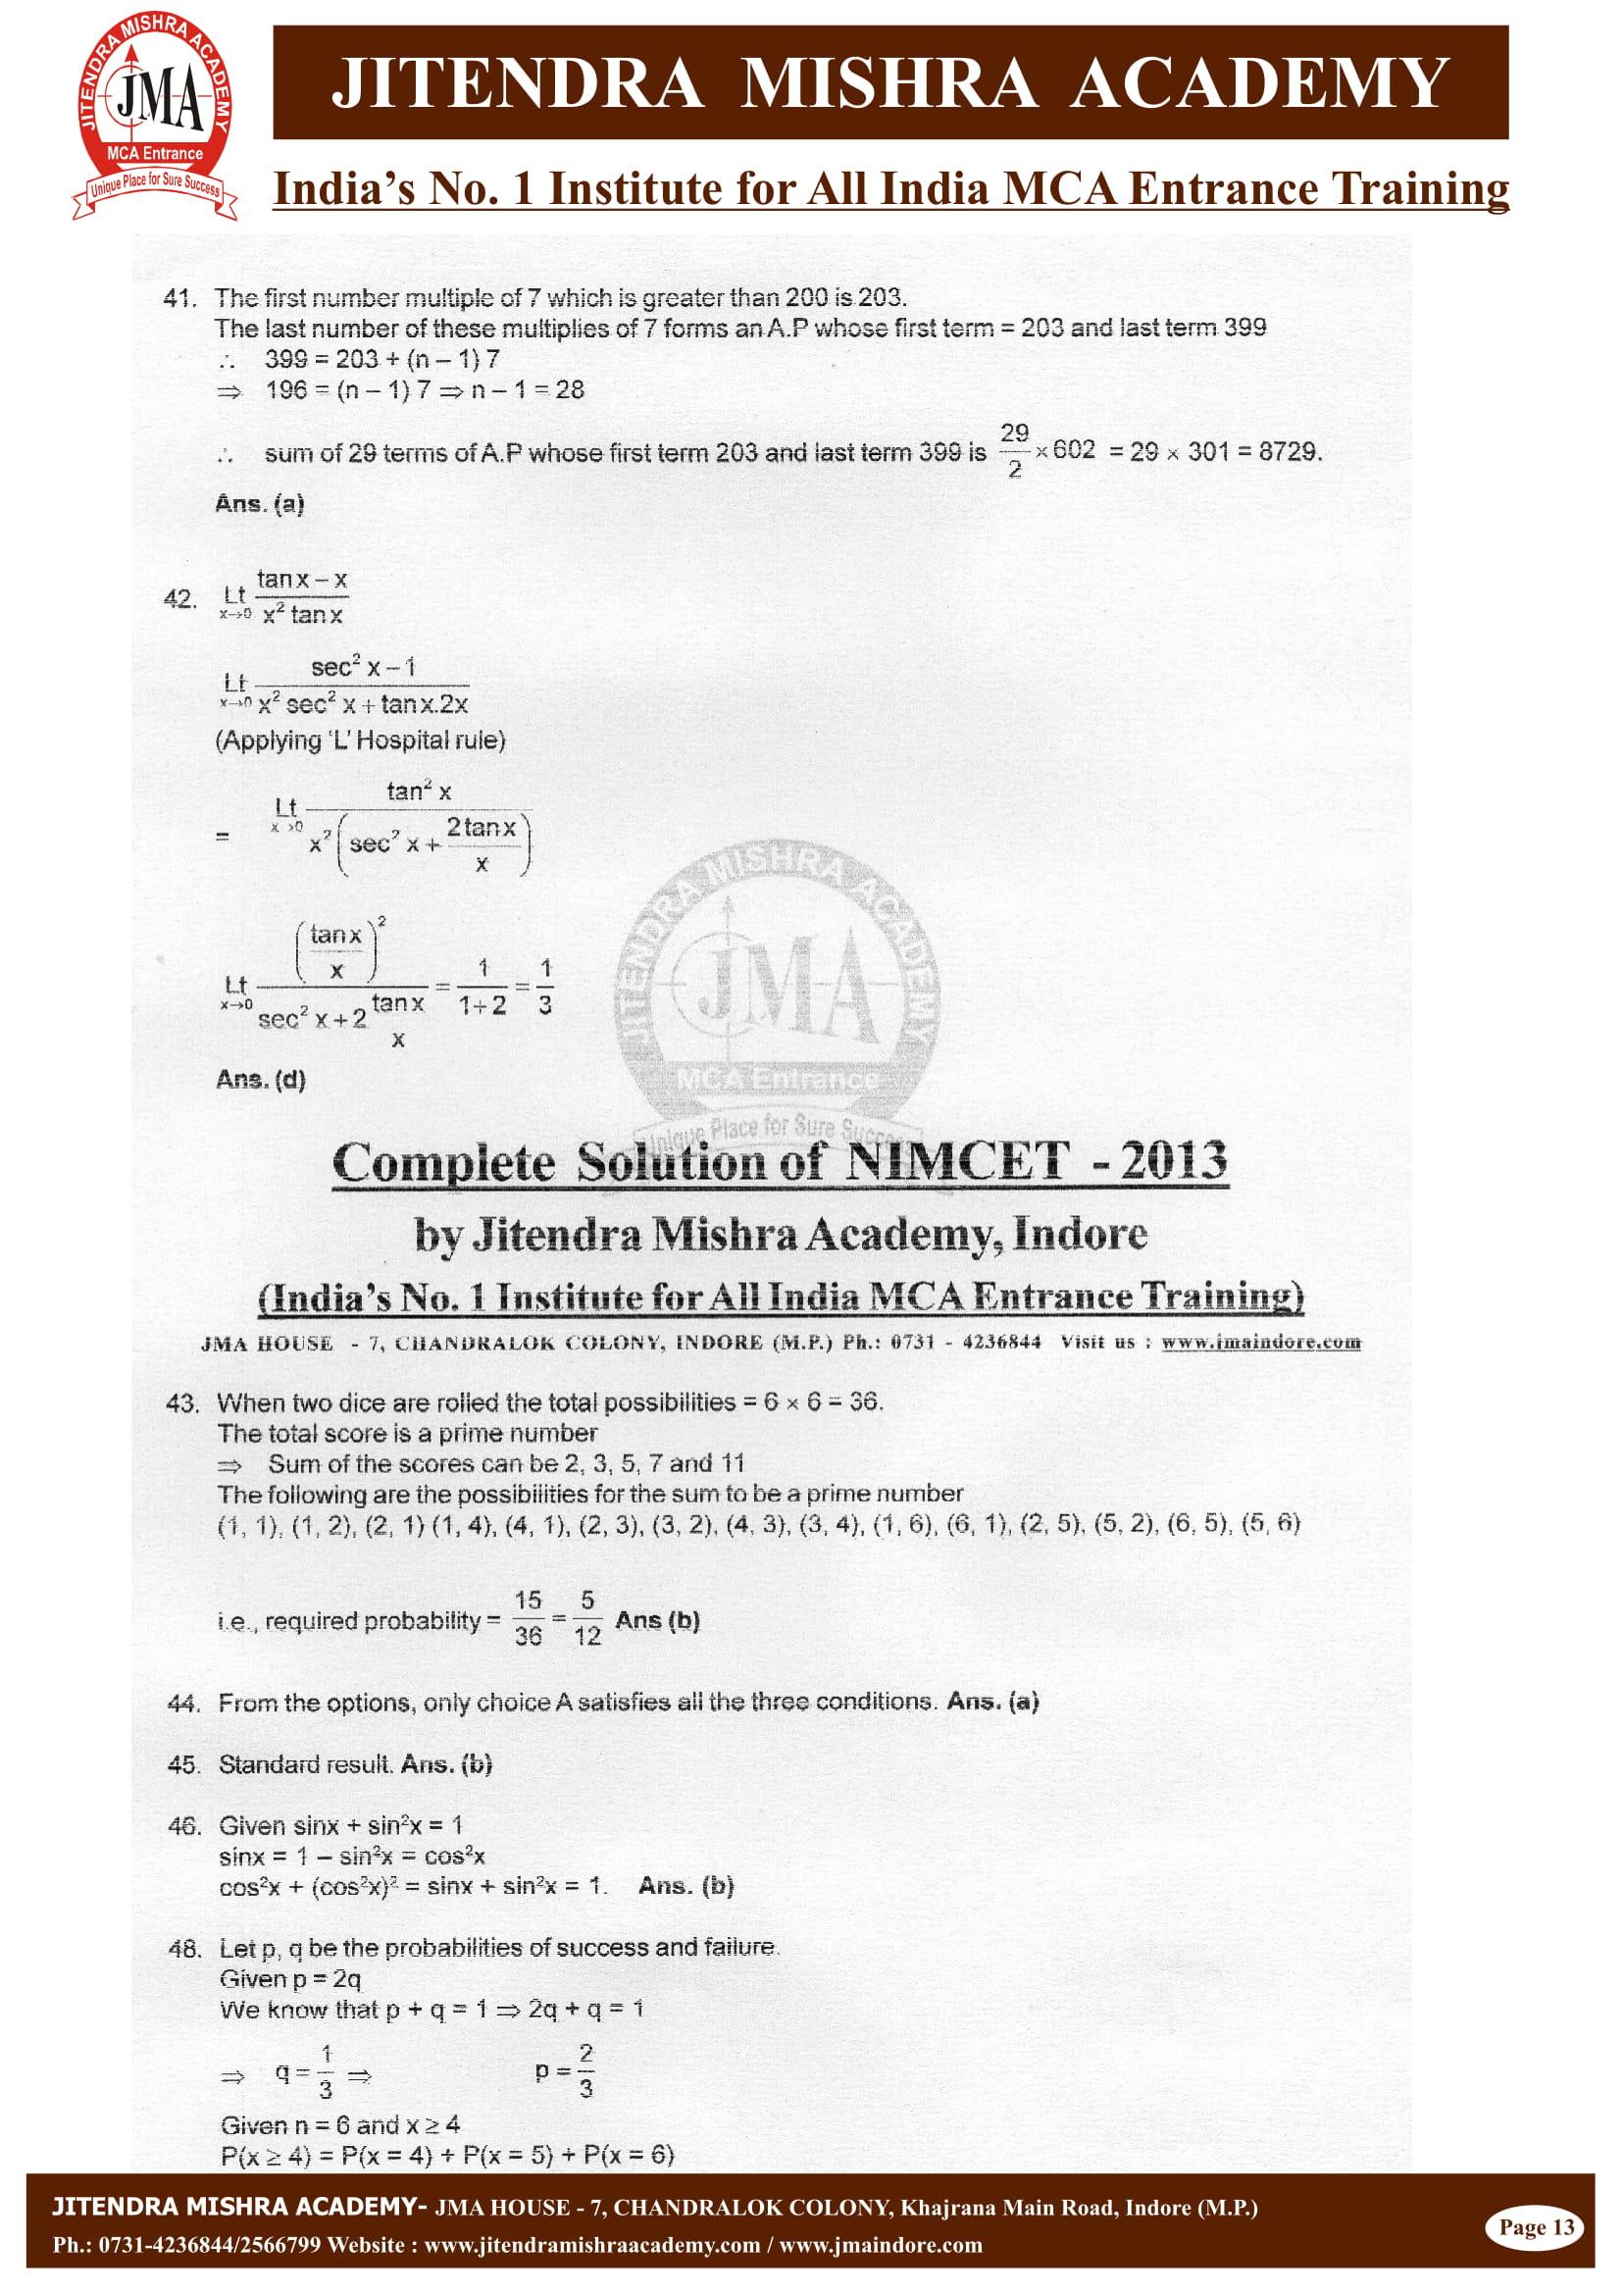 NIMCET - 2013 (SOLUTION)-13